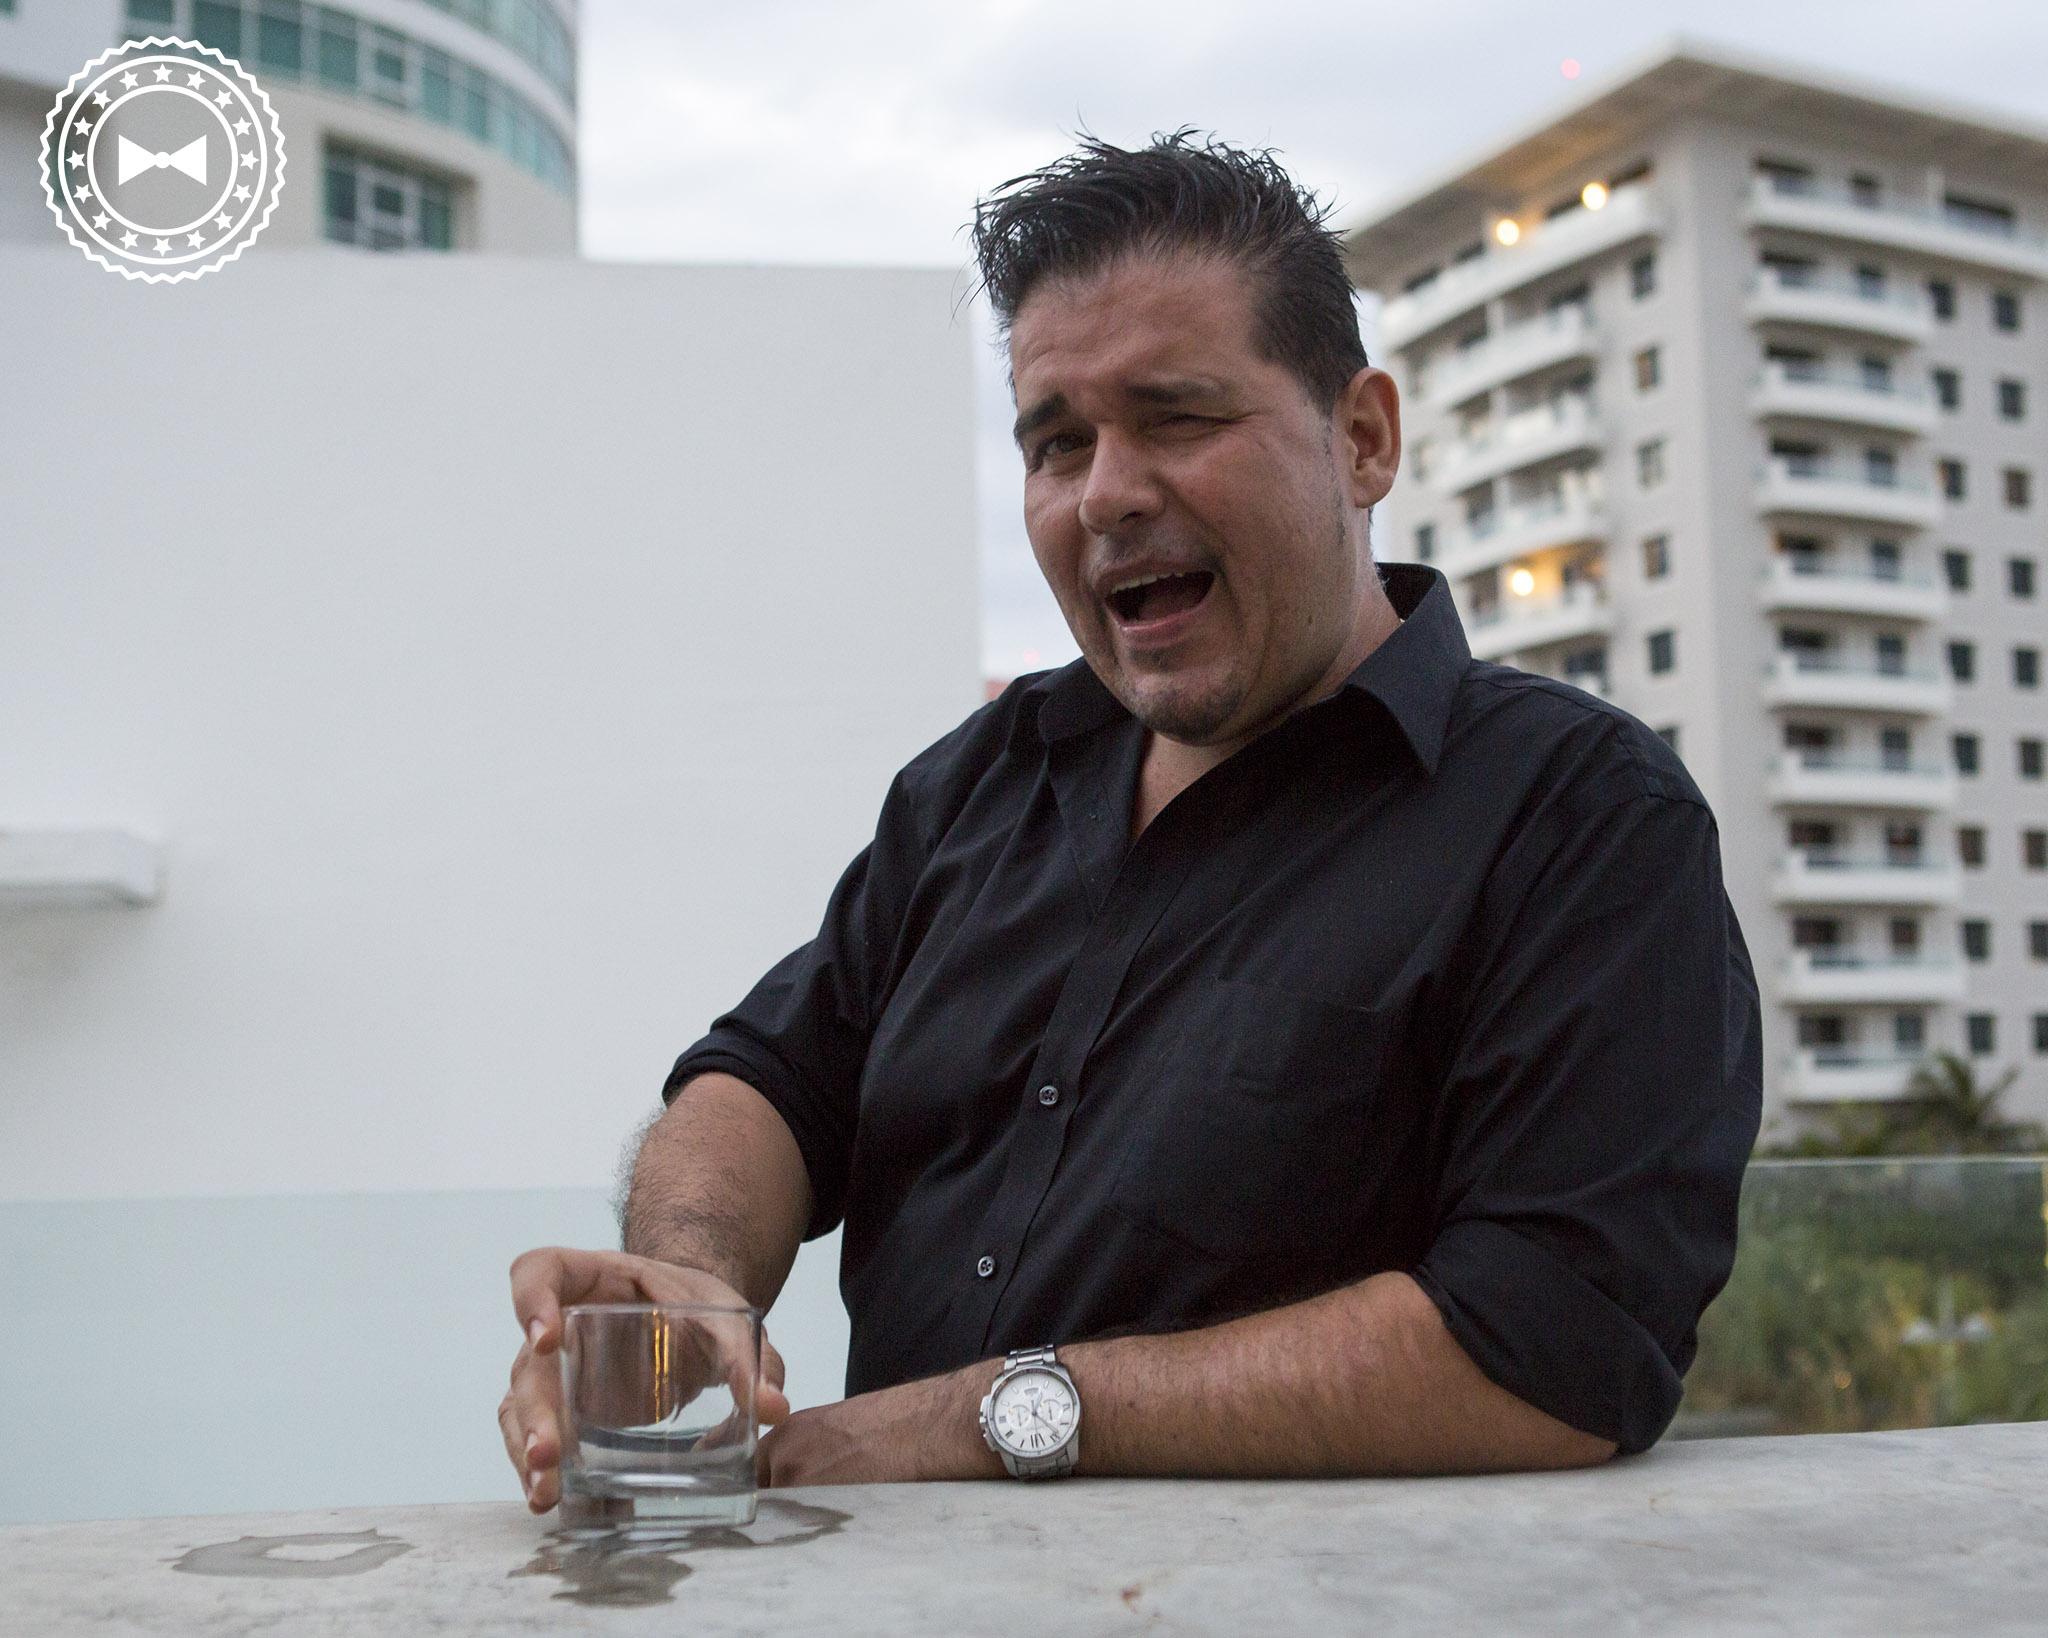 Chef Roberto Treviño terminando su turno con un buen shot de tequila. ¡Salud!